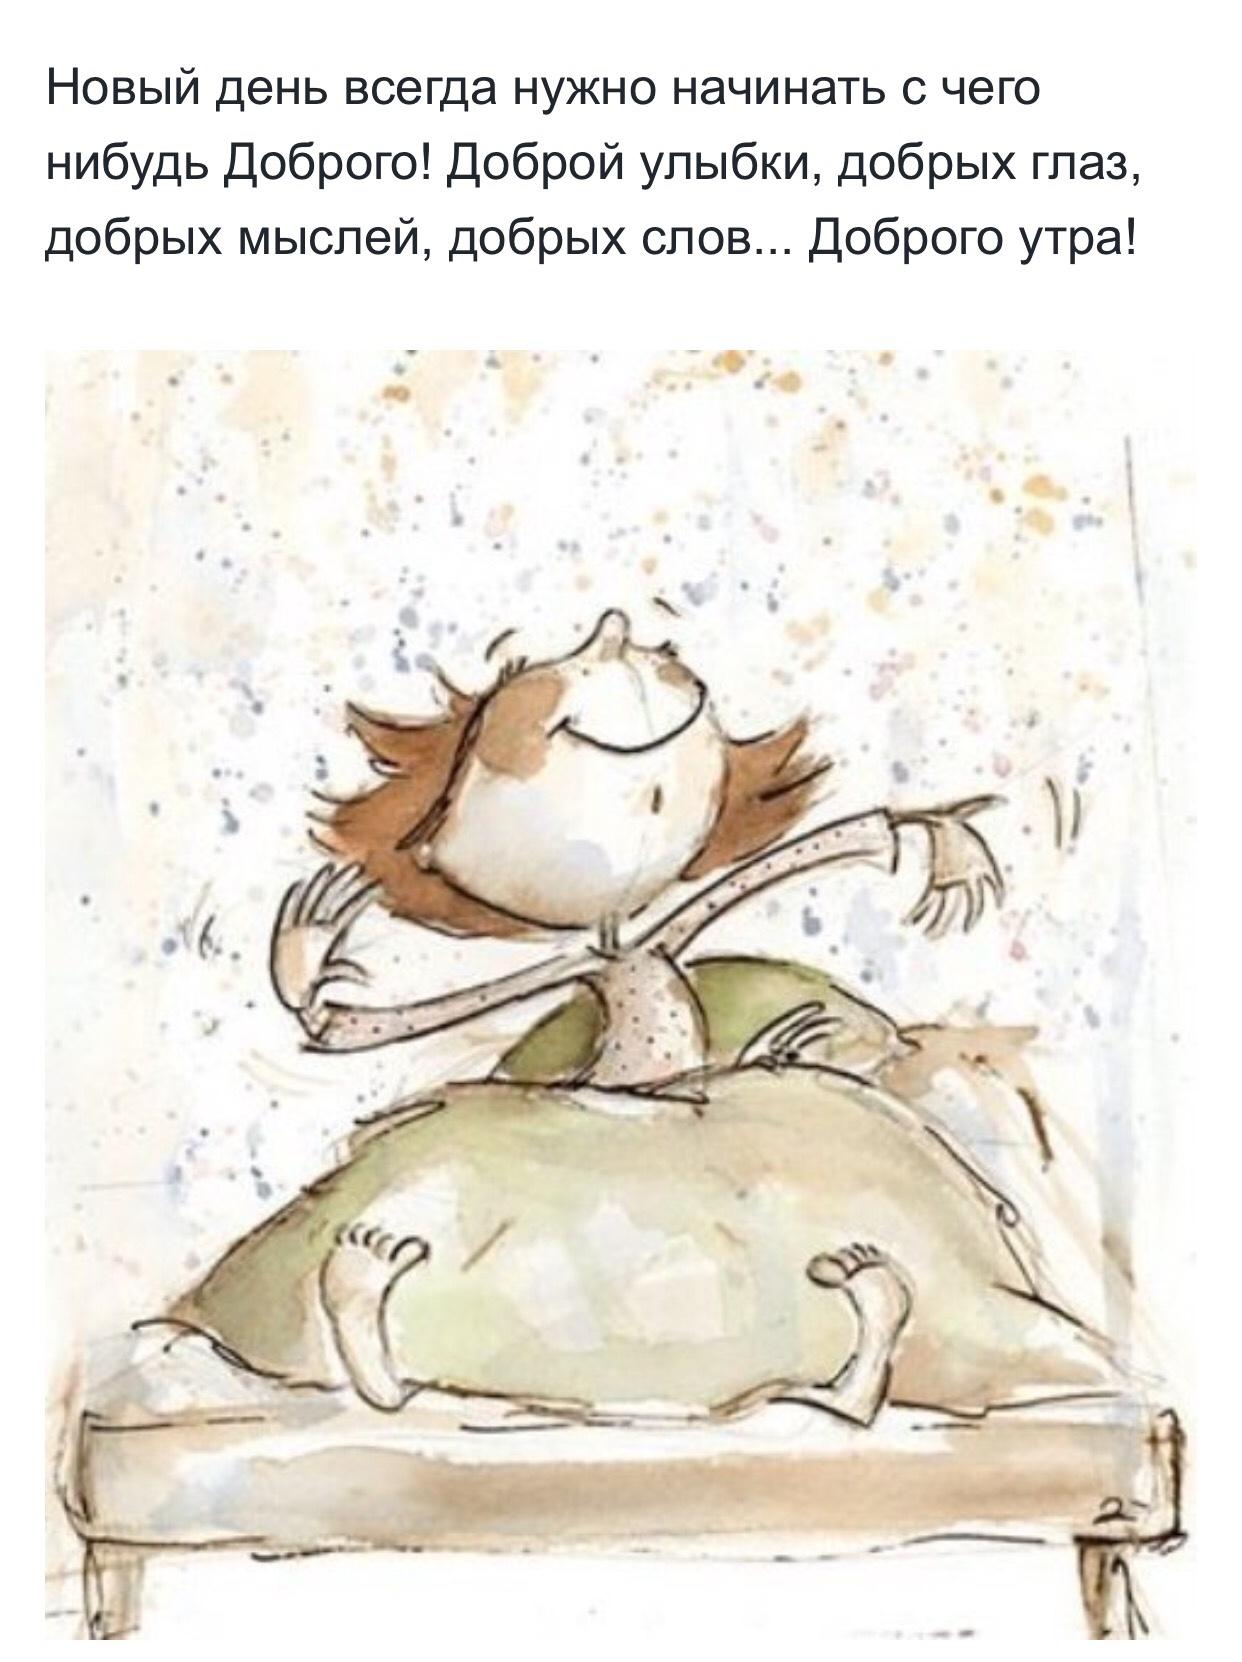 Анимационные картинки Доброе утро скачать для гостевых 4